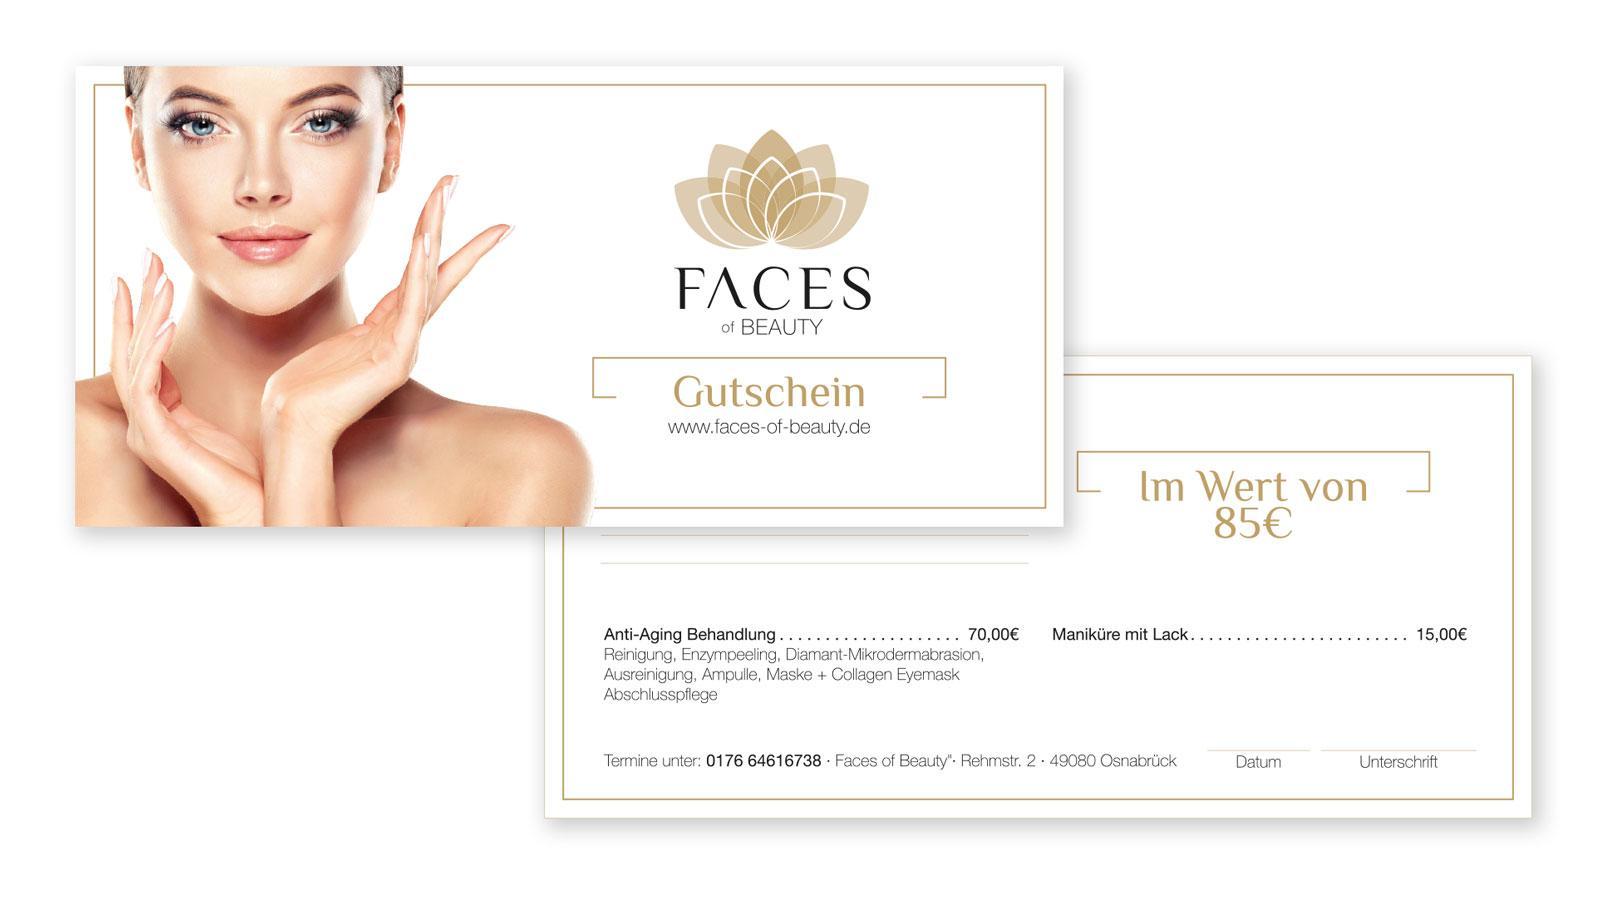 Faces of Beauty Gutschein